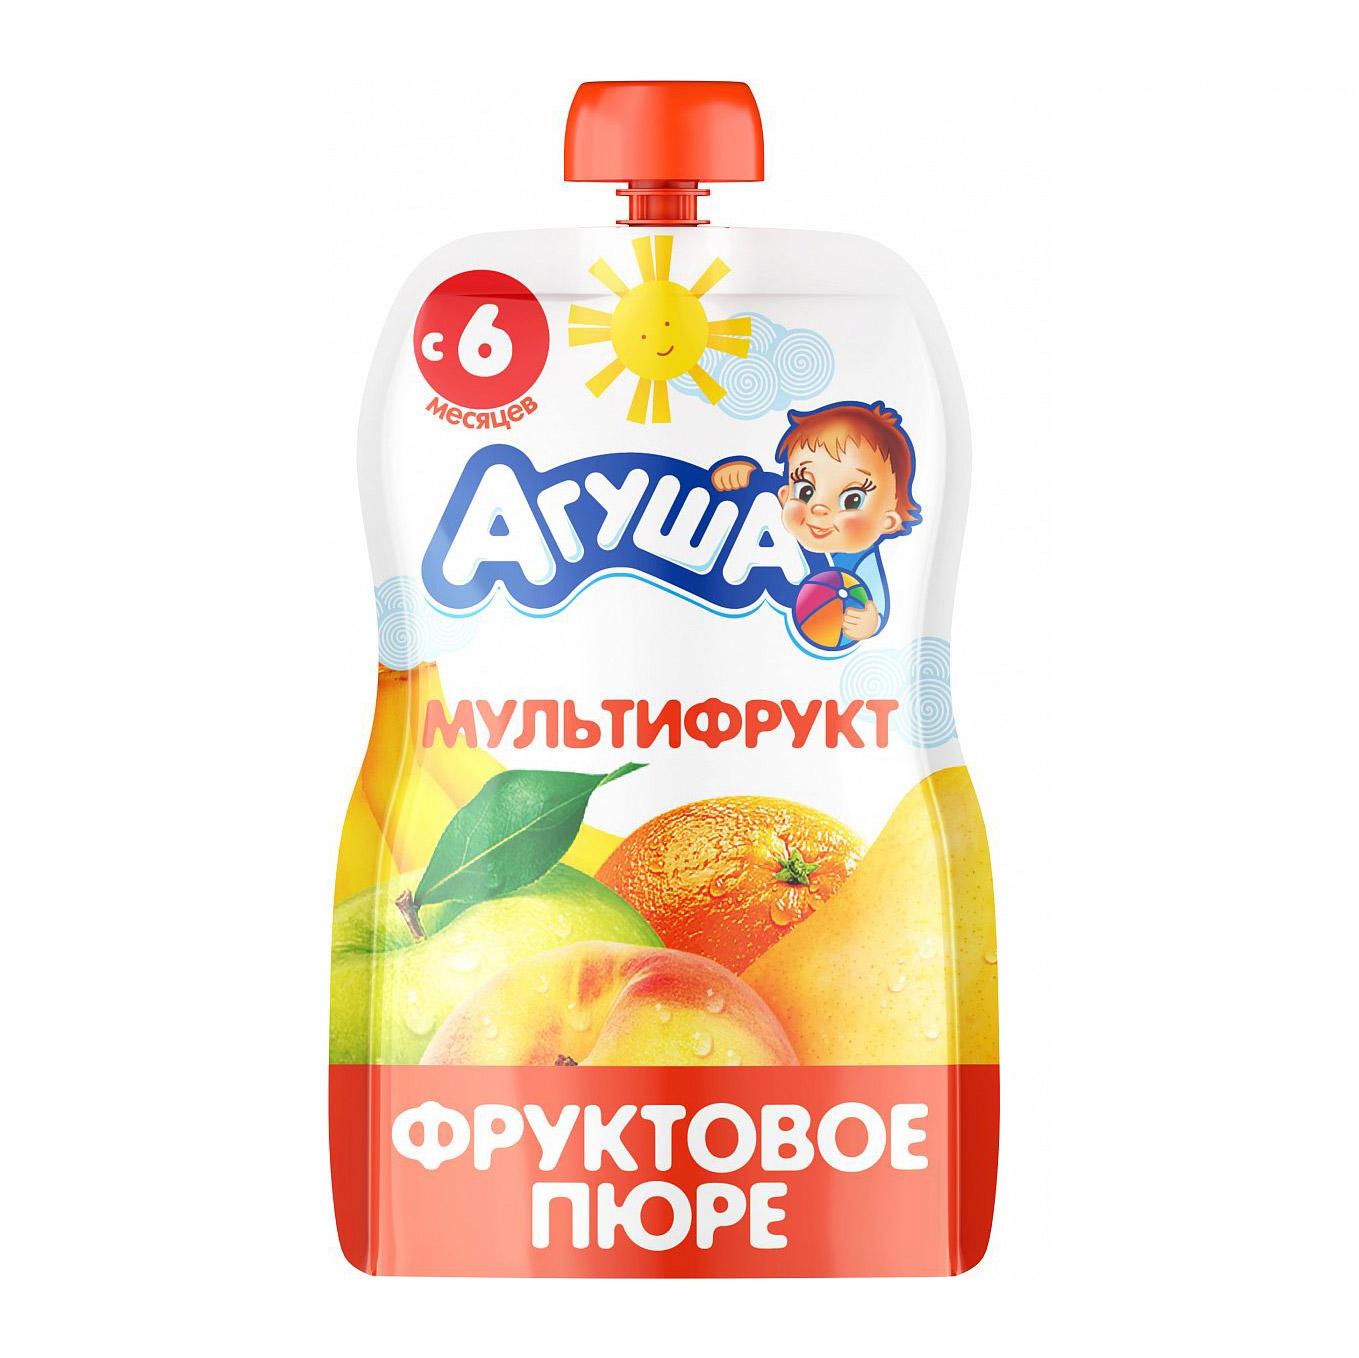 Фото - Пюре фруктовое Агуша Мультифрукт 90 г пюре фруктовое агуша груша 200 г